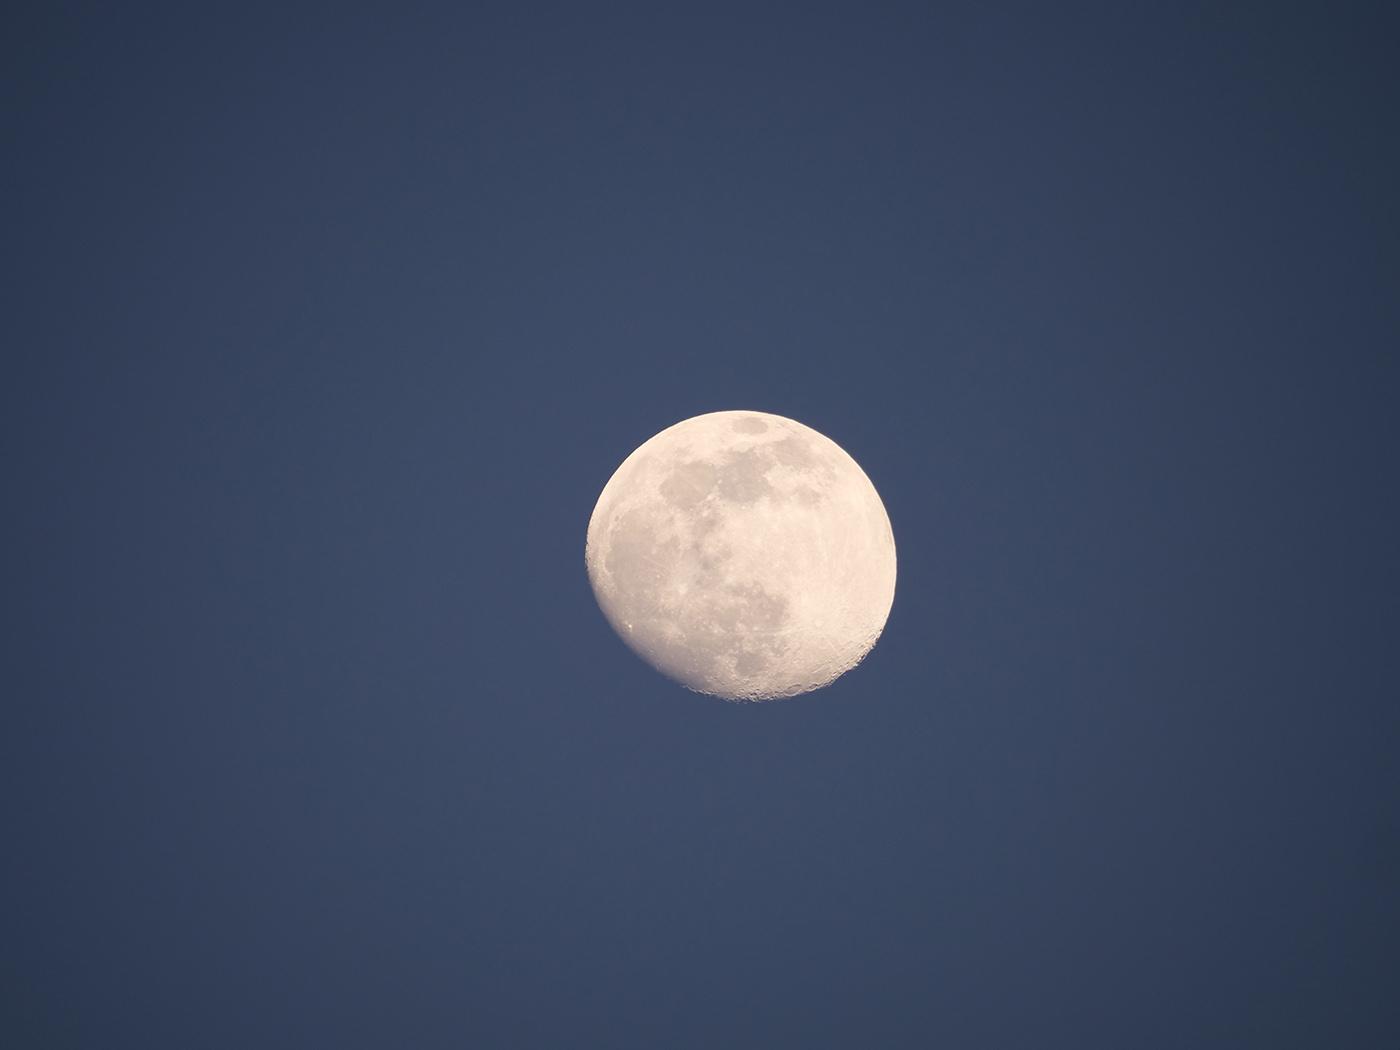 réussir des photos de la Lune